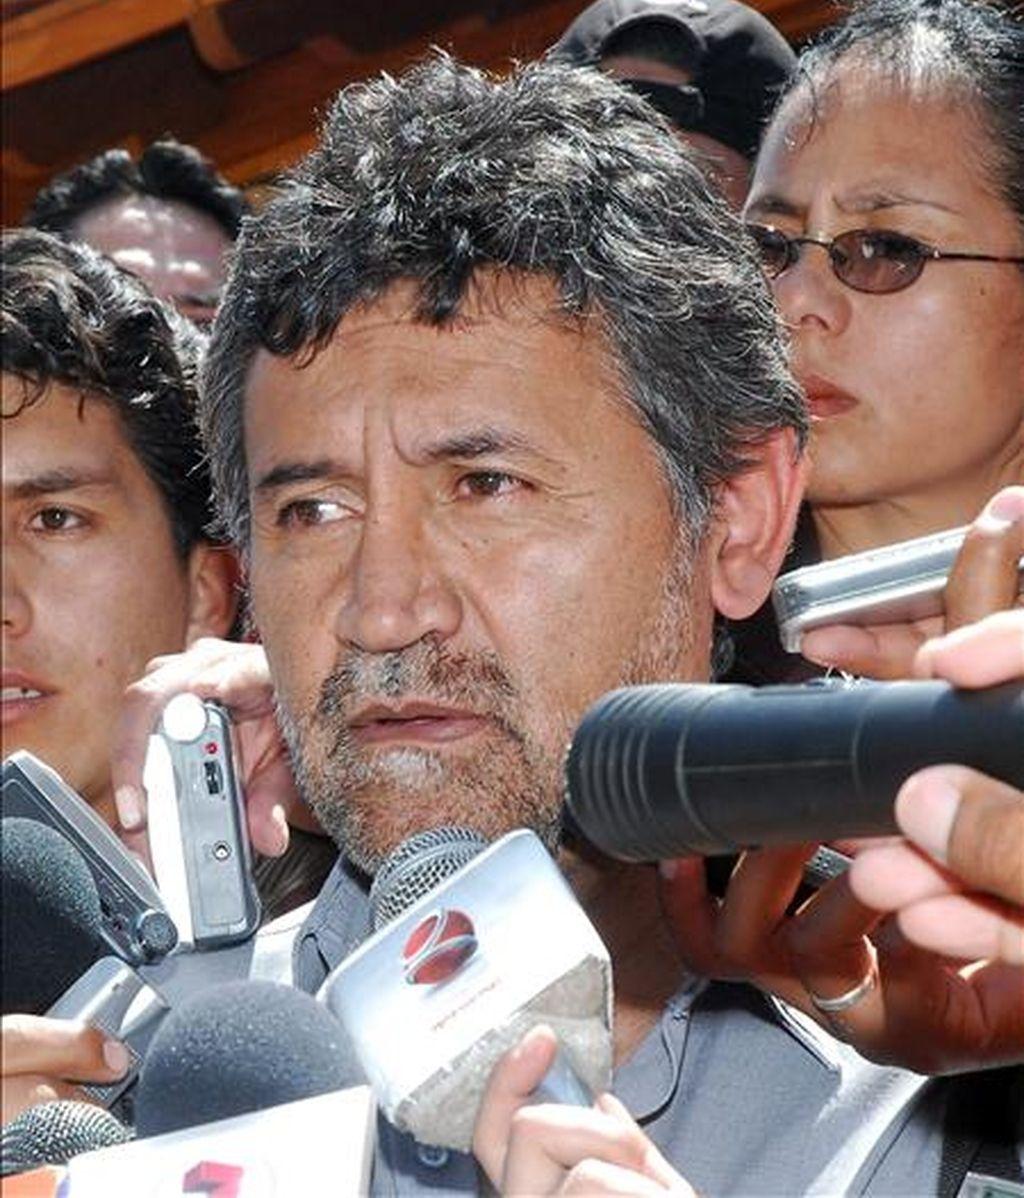 """En una conferencia de prensa, el portavoz presidencial, Iván Canelas, responsabilizó al Ejecutivo peruano de los problemas diplomáticos entre los dos países andinos, por su actitud de """"abierta provocación"""" hacia Bolivia. EFE/Archivo"""